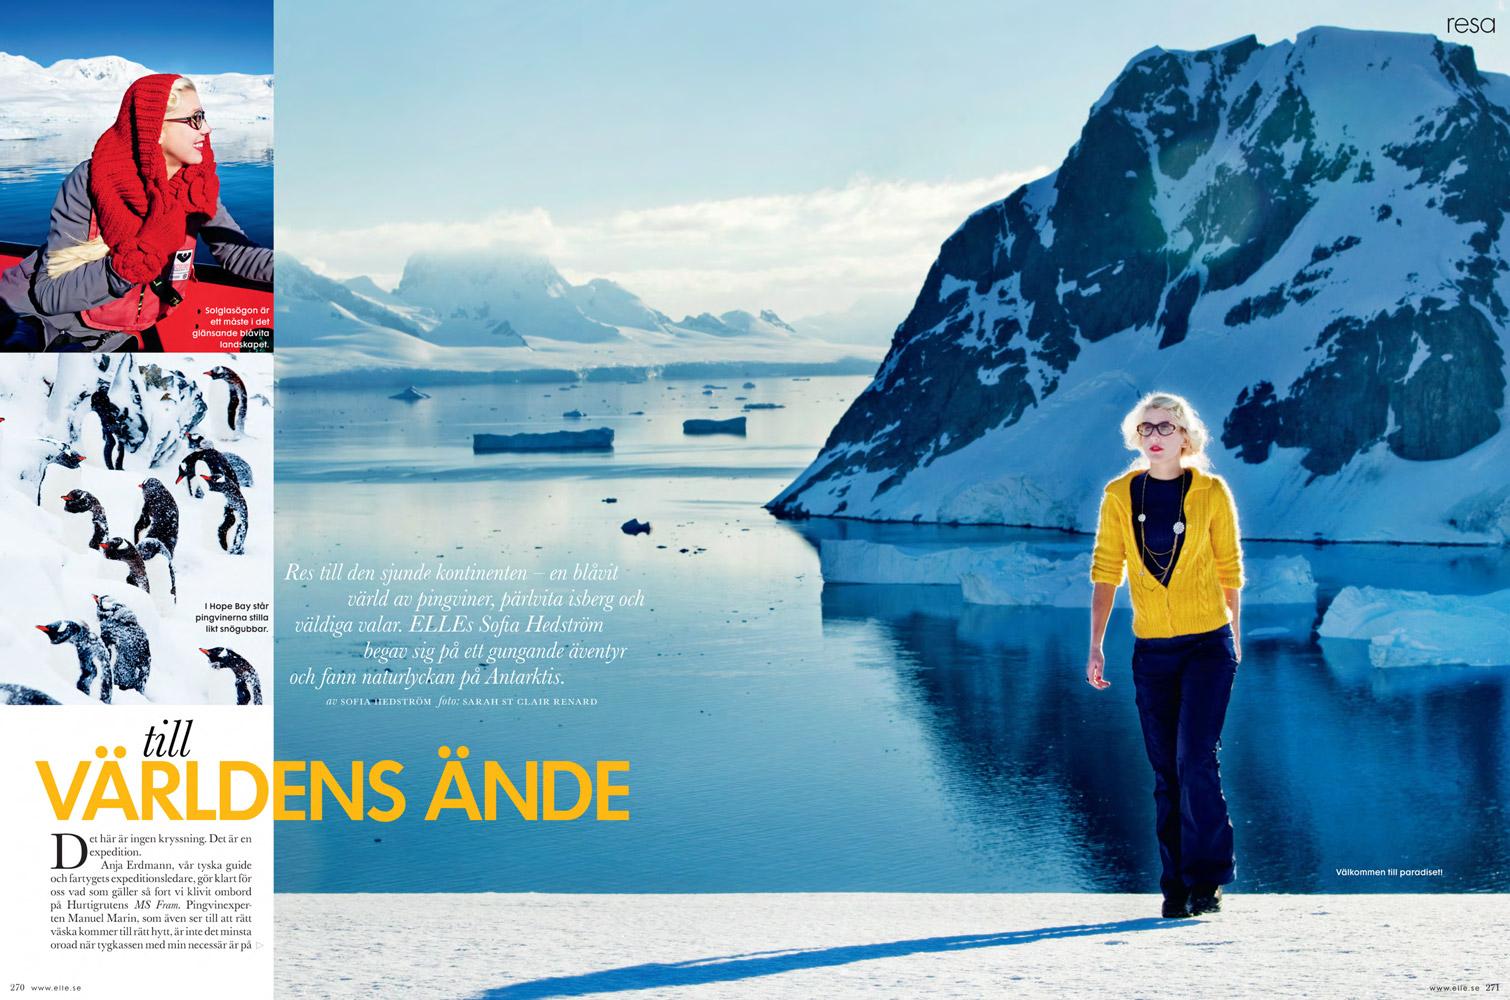 antarktis_artikel_ELLE_av_sofia_hedström_och_sarah_renard-1.jpg